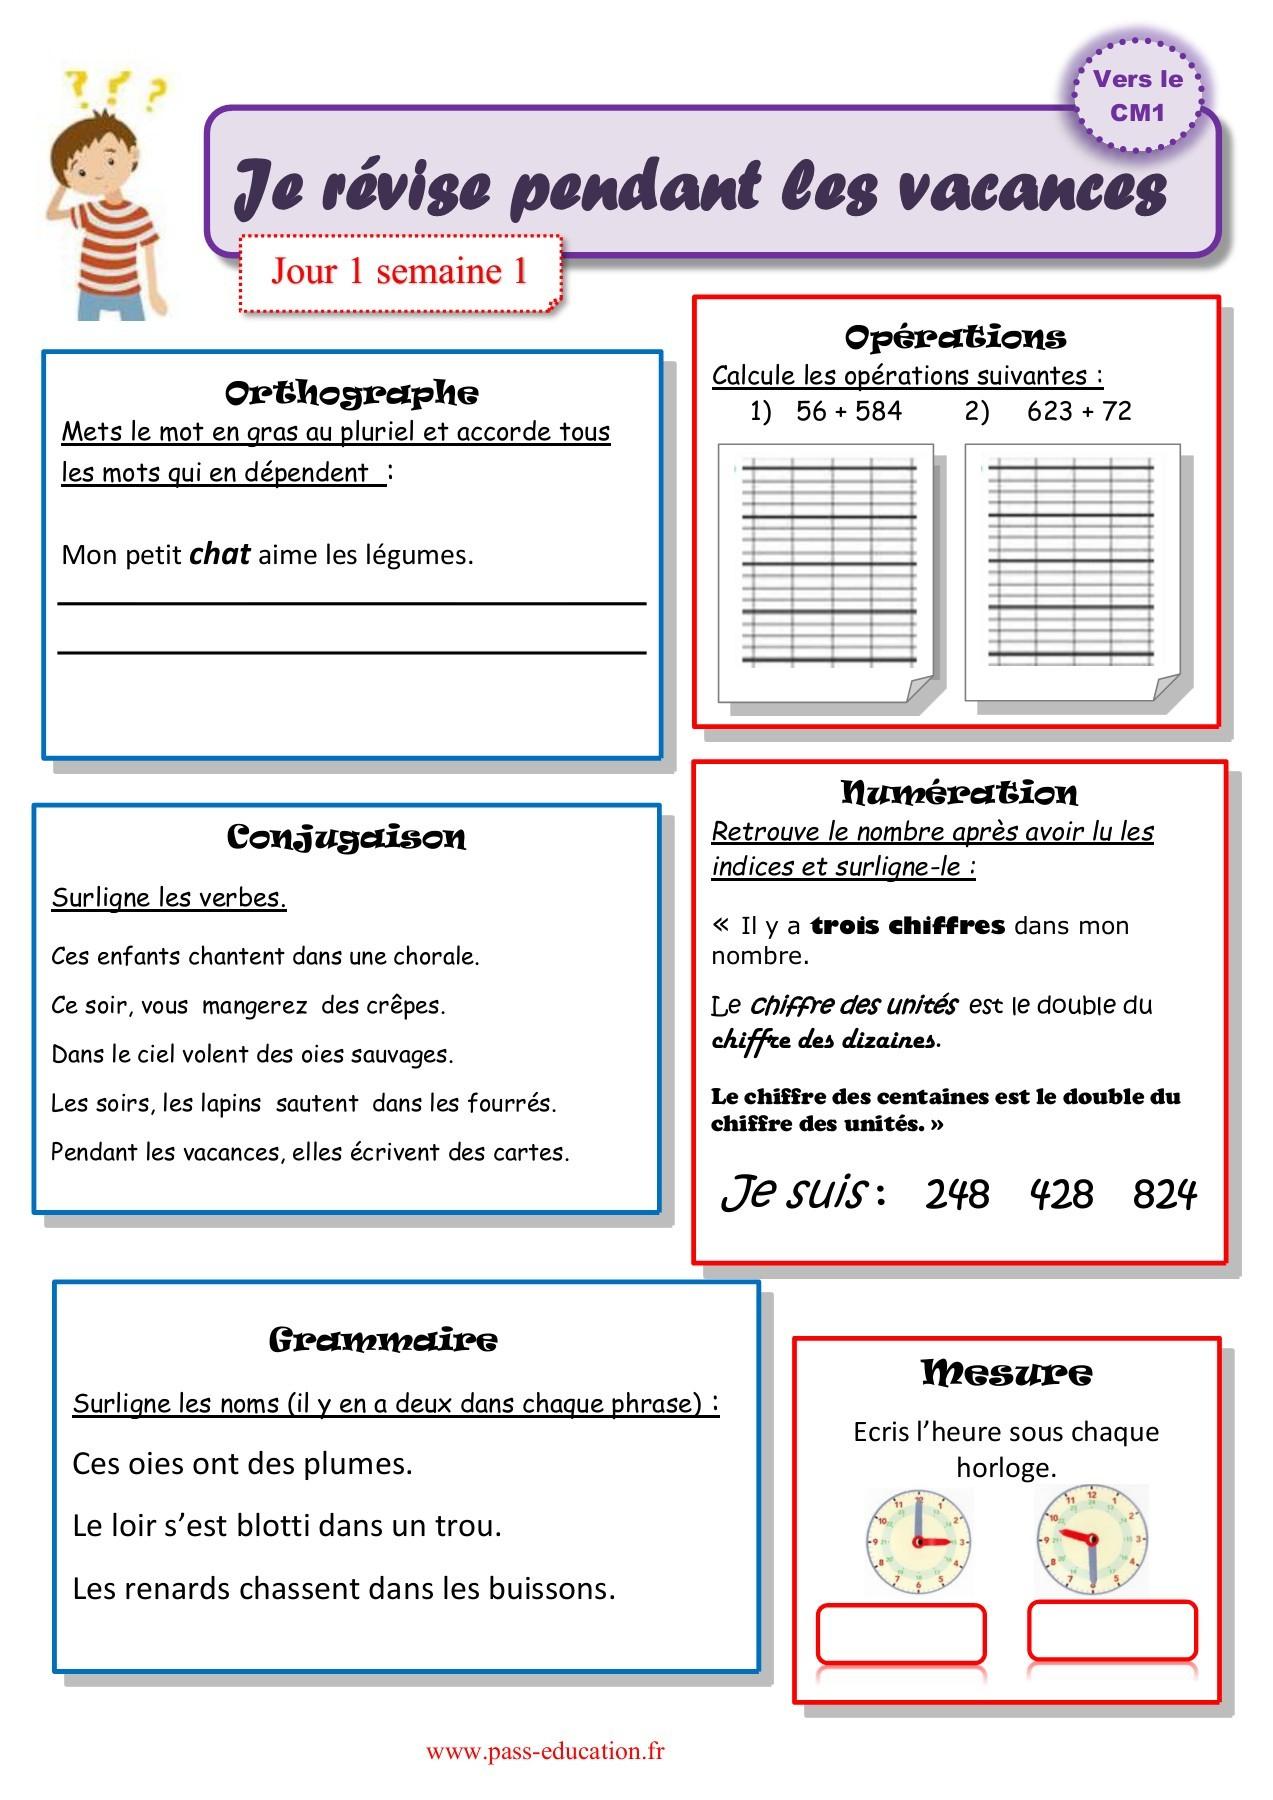 Cahier De Vacances Gratuit À Imprimer - Ce2 Vers Le Cm1 intérieur Exercice Cm1 Gratuit